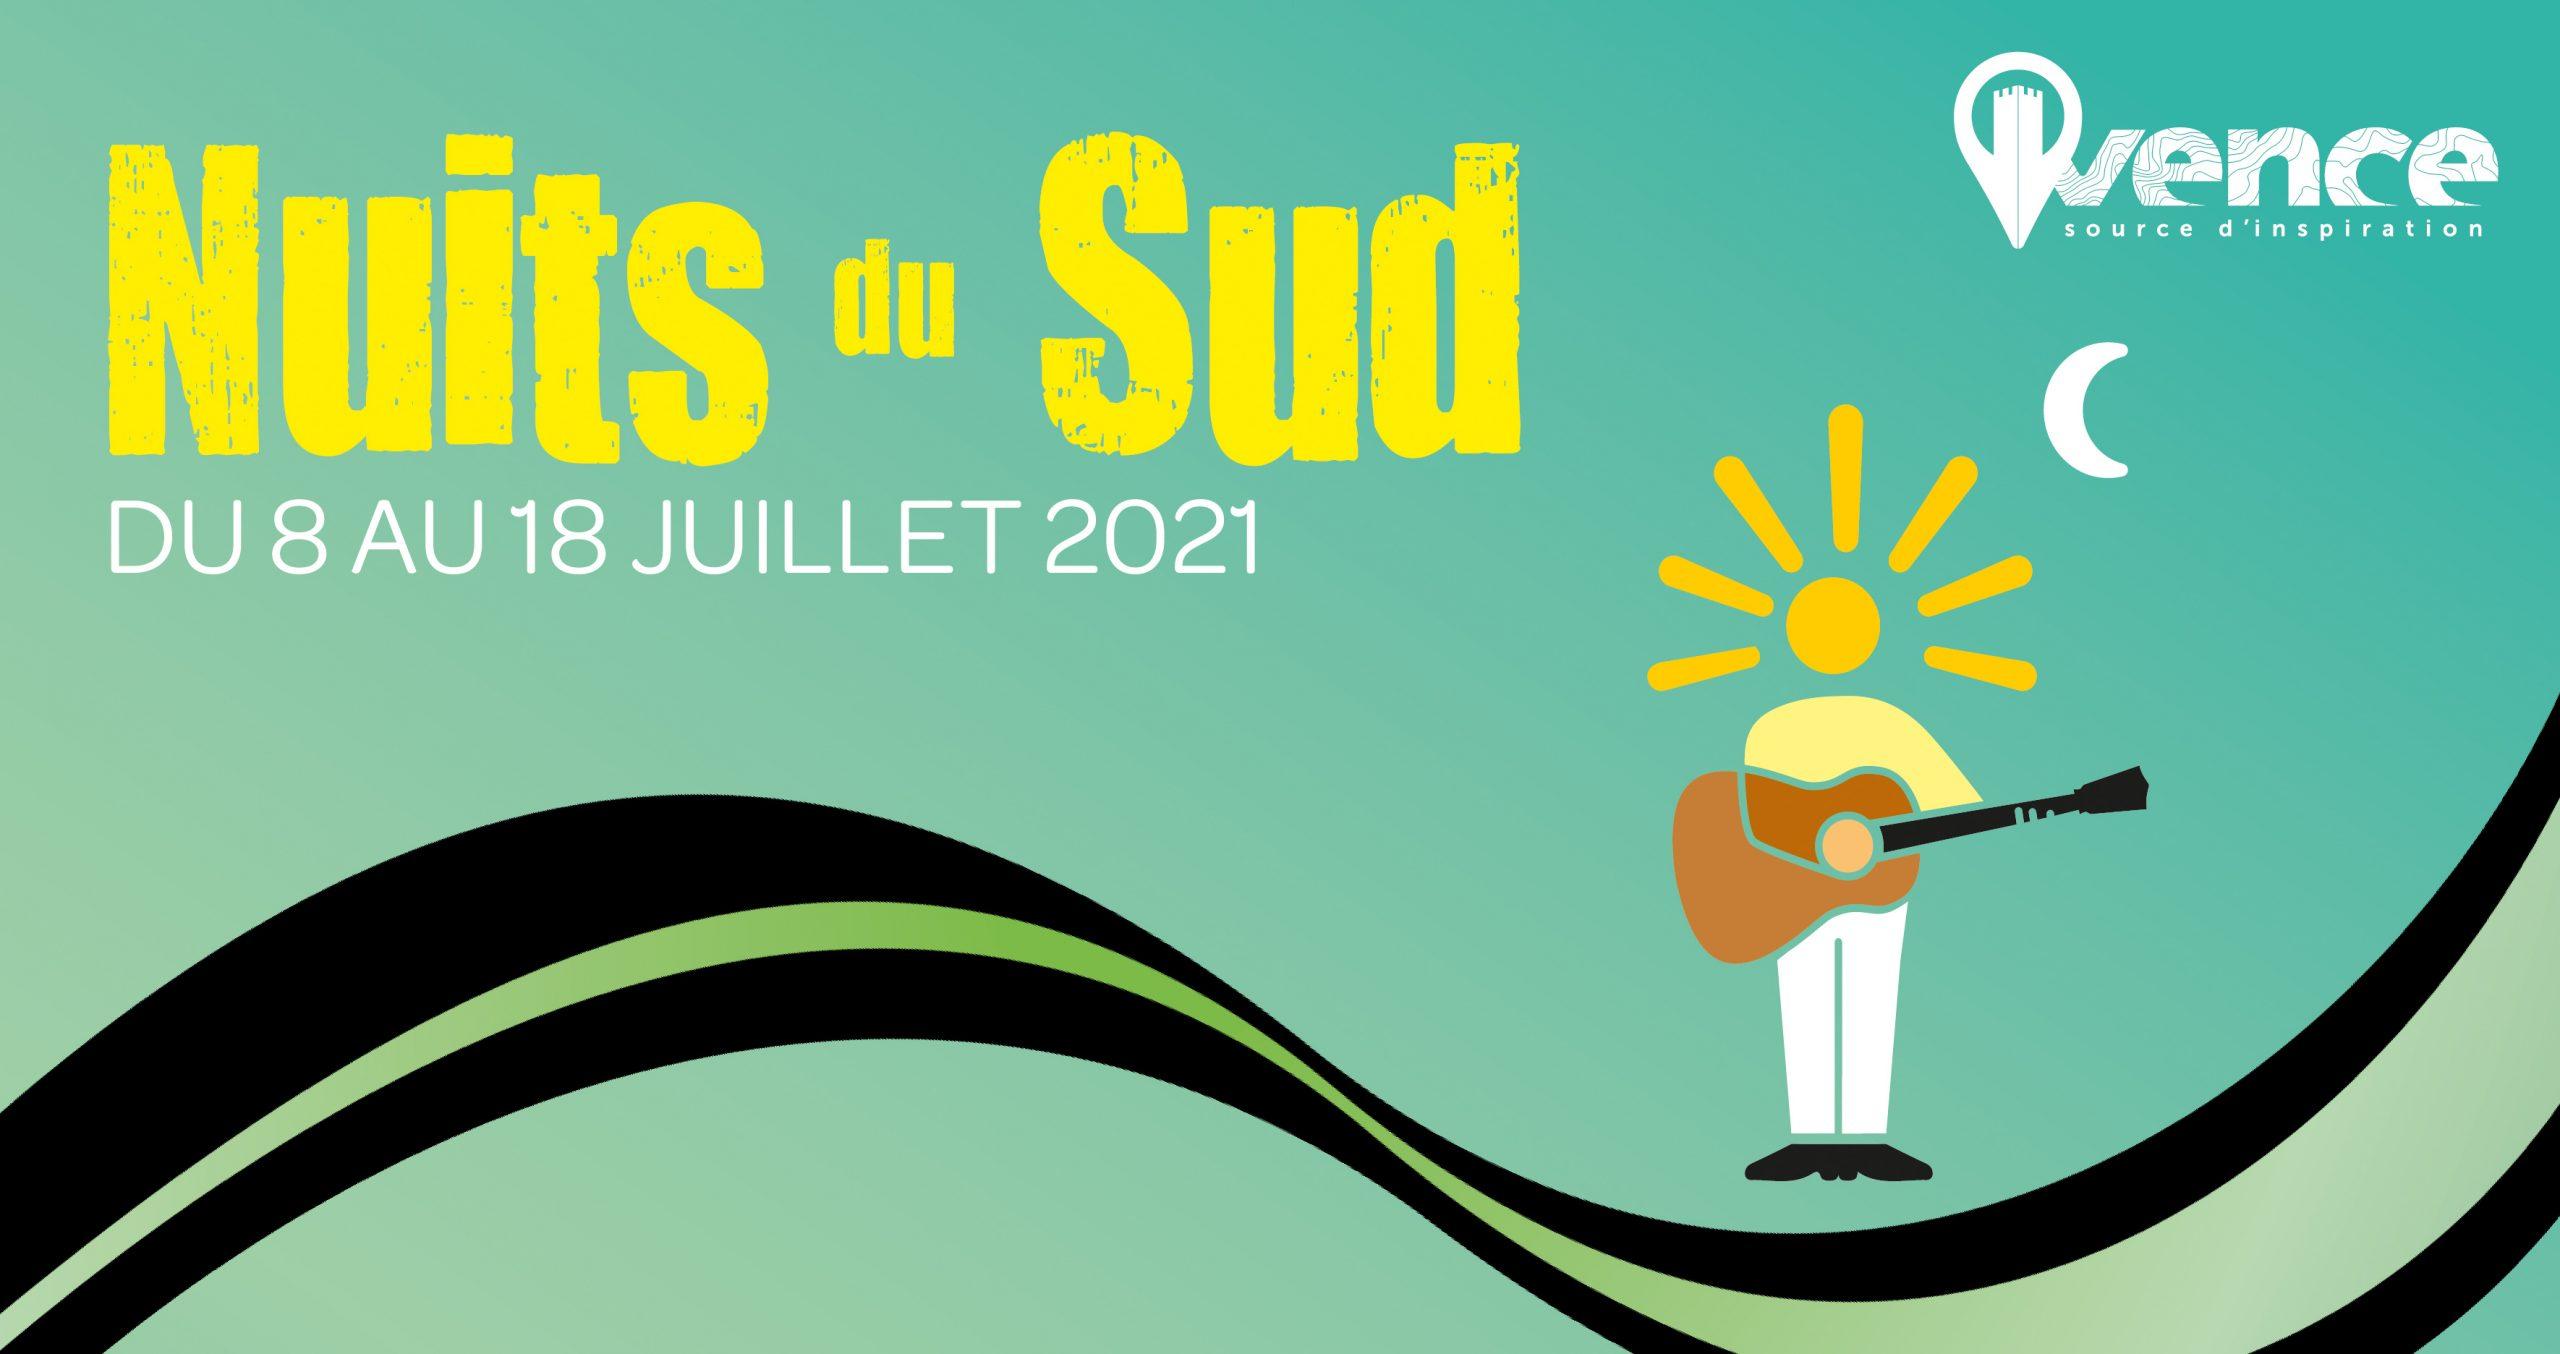 NUITS DU SUD DU 8 AU 18/07: LE VOILE SE LÈVE SUR LA PROGRAMMATION 2021